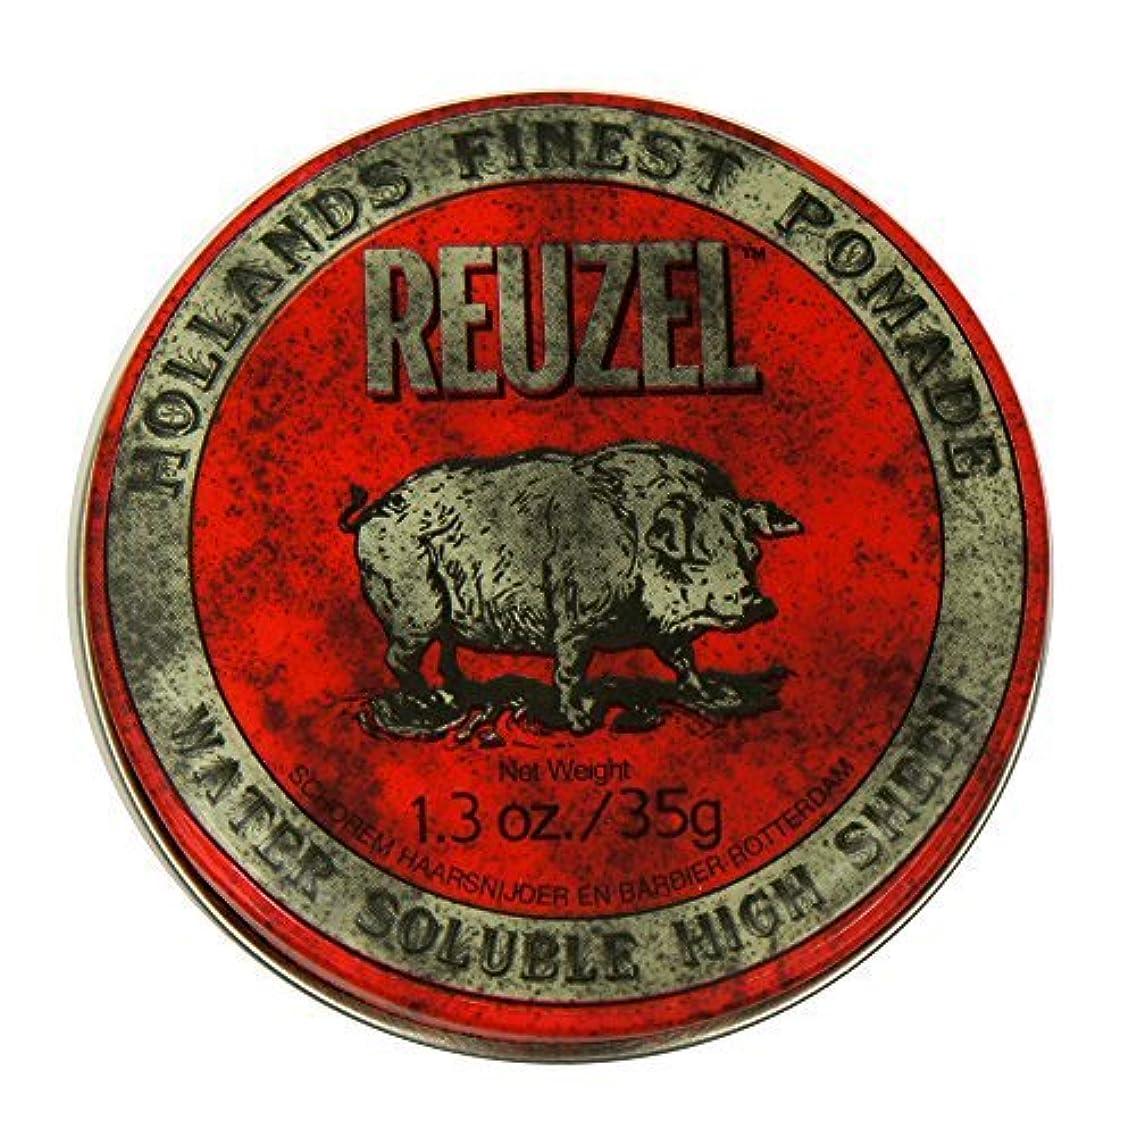 パフマント指定Reuzel Red Hair Pomade Piglet 1.3oz [並行輸入品]